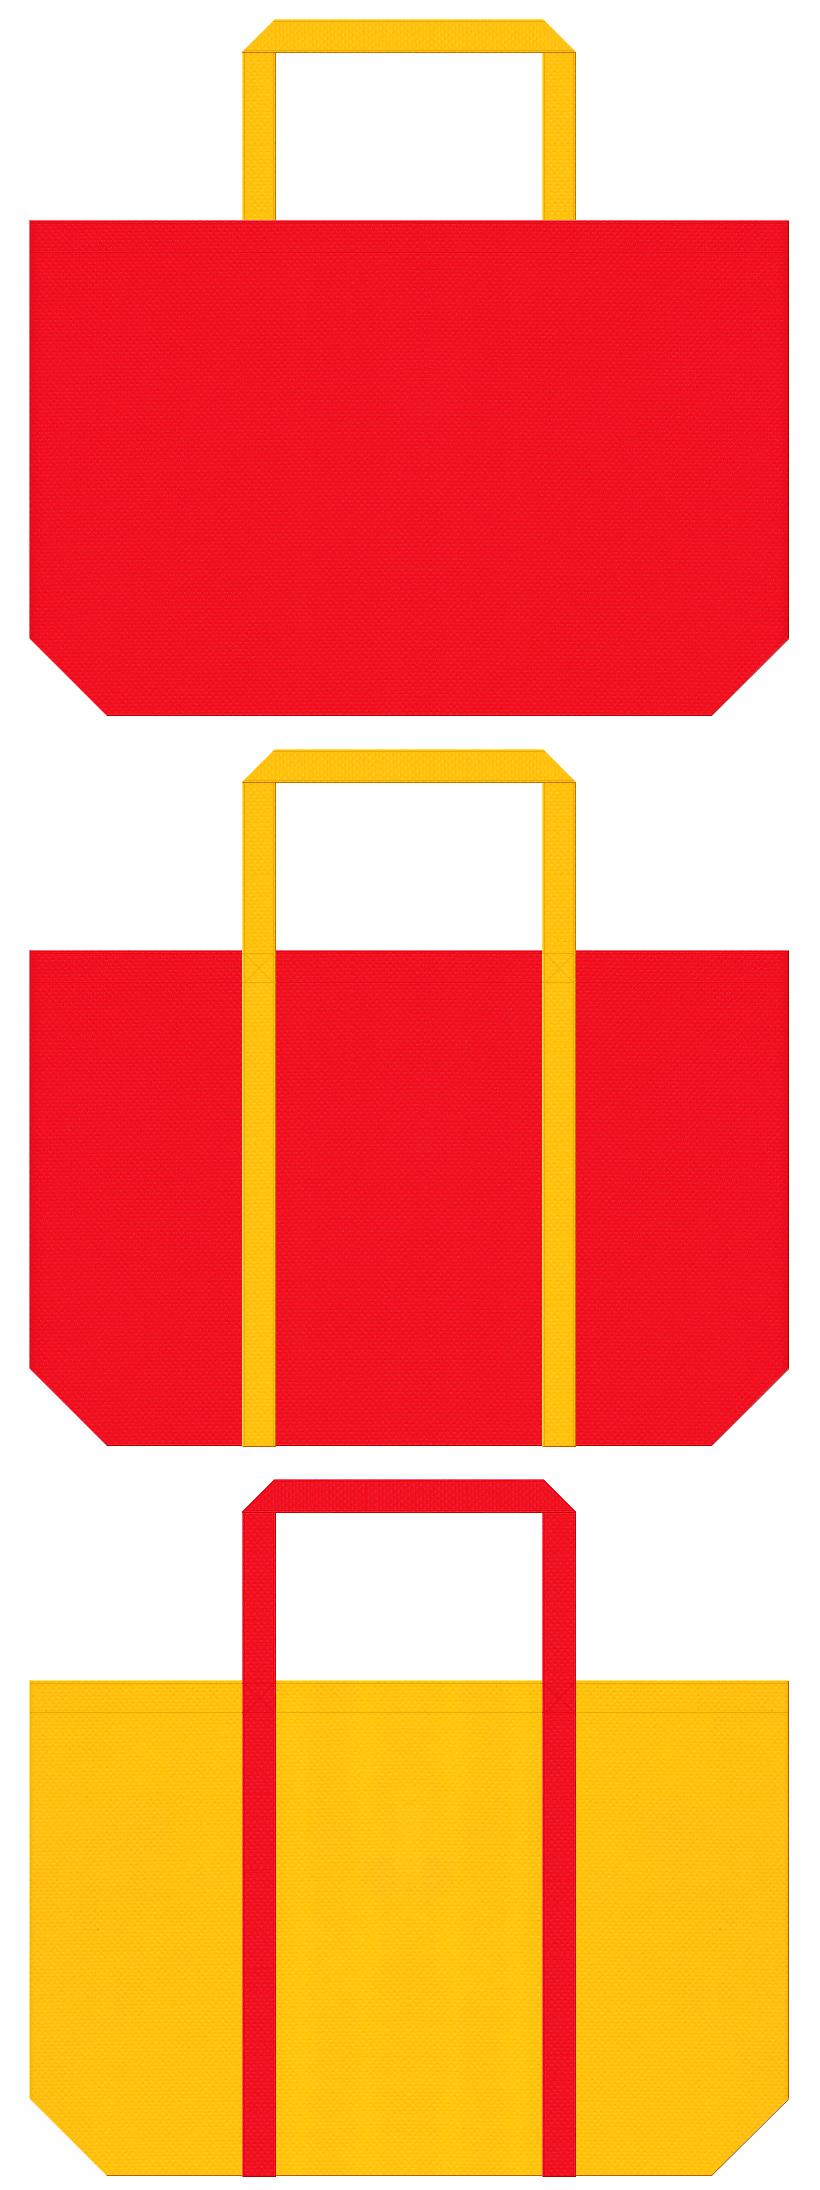 琉球舞踊・アフリカ・カーニバル・サンバ・ピエロ・サーカス・ゲーム・パズル・アミューズメント・テーマパーク・キッズイベントのノベルティ・おもちゃの福袋にお奨めの不織布ショッピングバッグのデザイン:赤色と黄色のコーデ